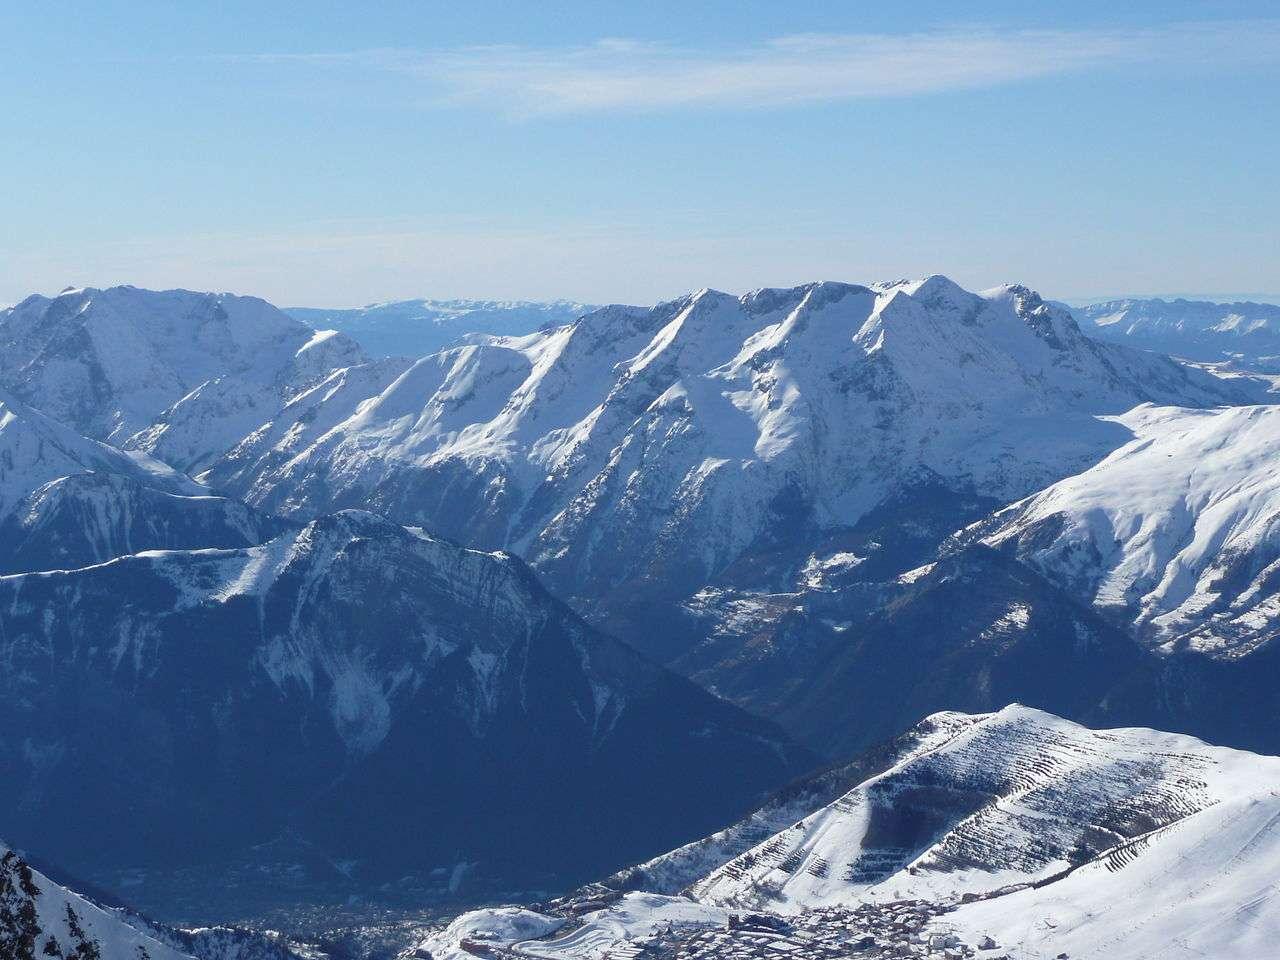 Les stations de ski dans les Alpes du Nord vont des grandes stations de ski renommées aux petites stations de village. © Simdaperce, Wikimedia Commons, cc by sa 3.0